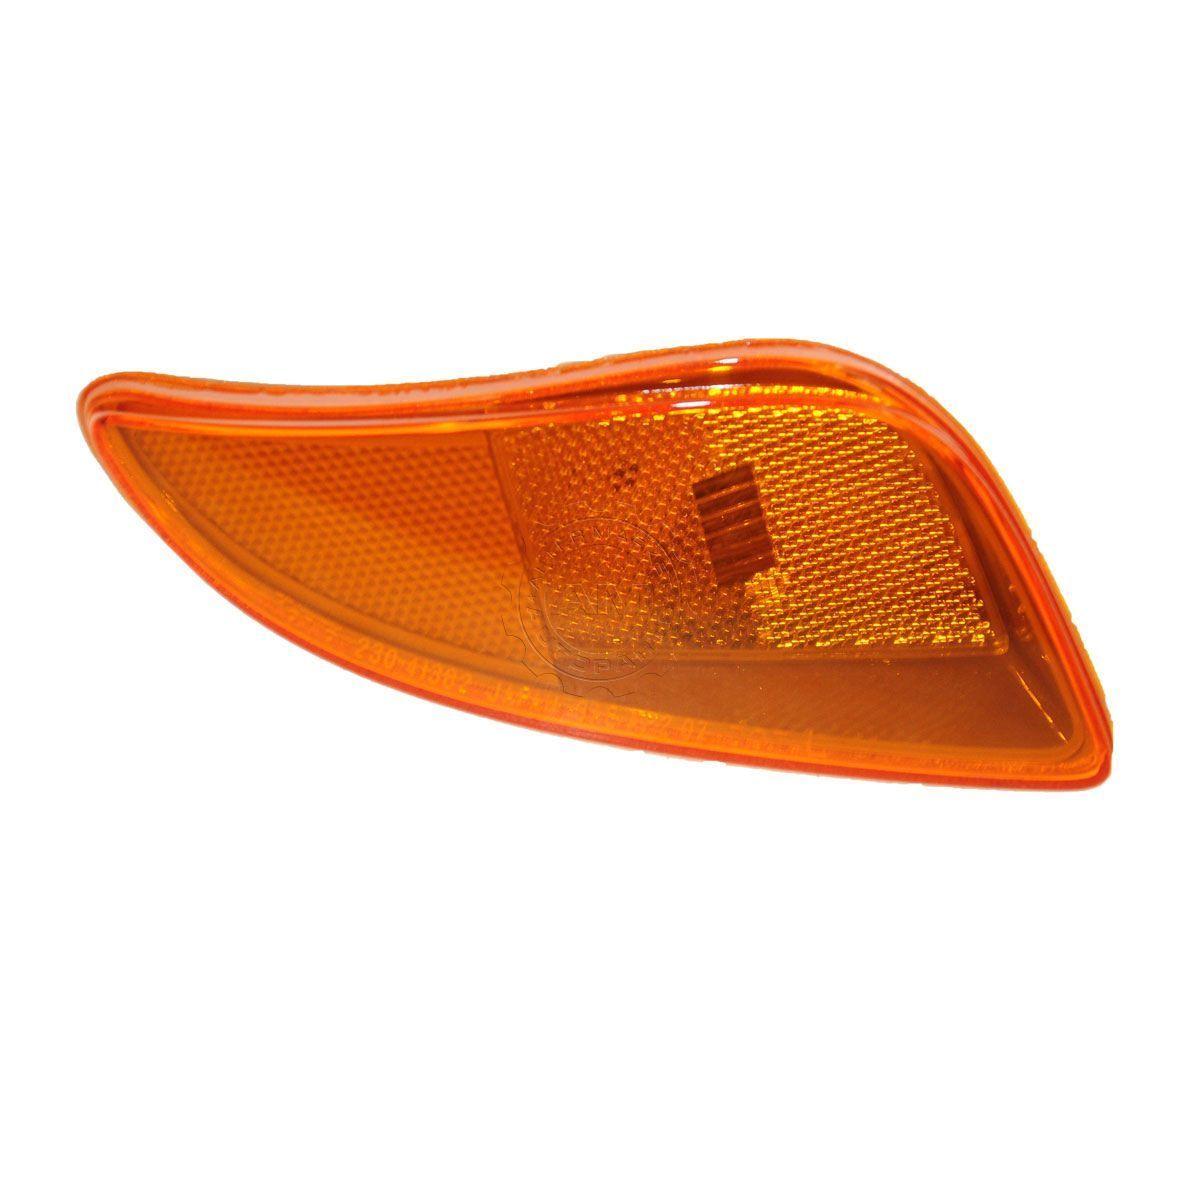 コーナーライト Side Marker Light Lamp Driver Side Left LH LF for 09-13 Mazda Miata サイドマーカーライトランプドライバ側LH LF 09-13 Mazda Miata用